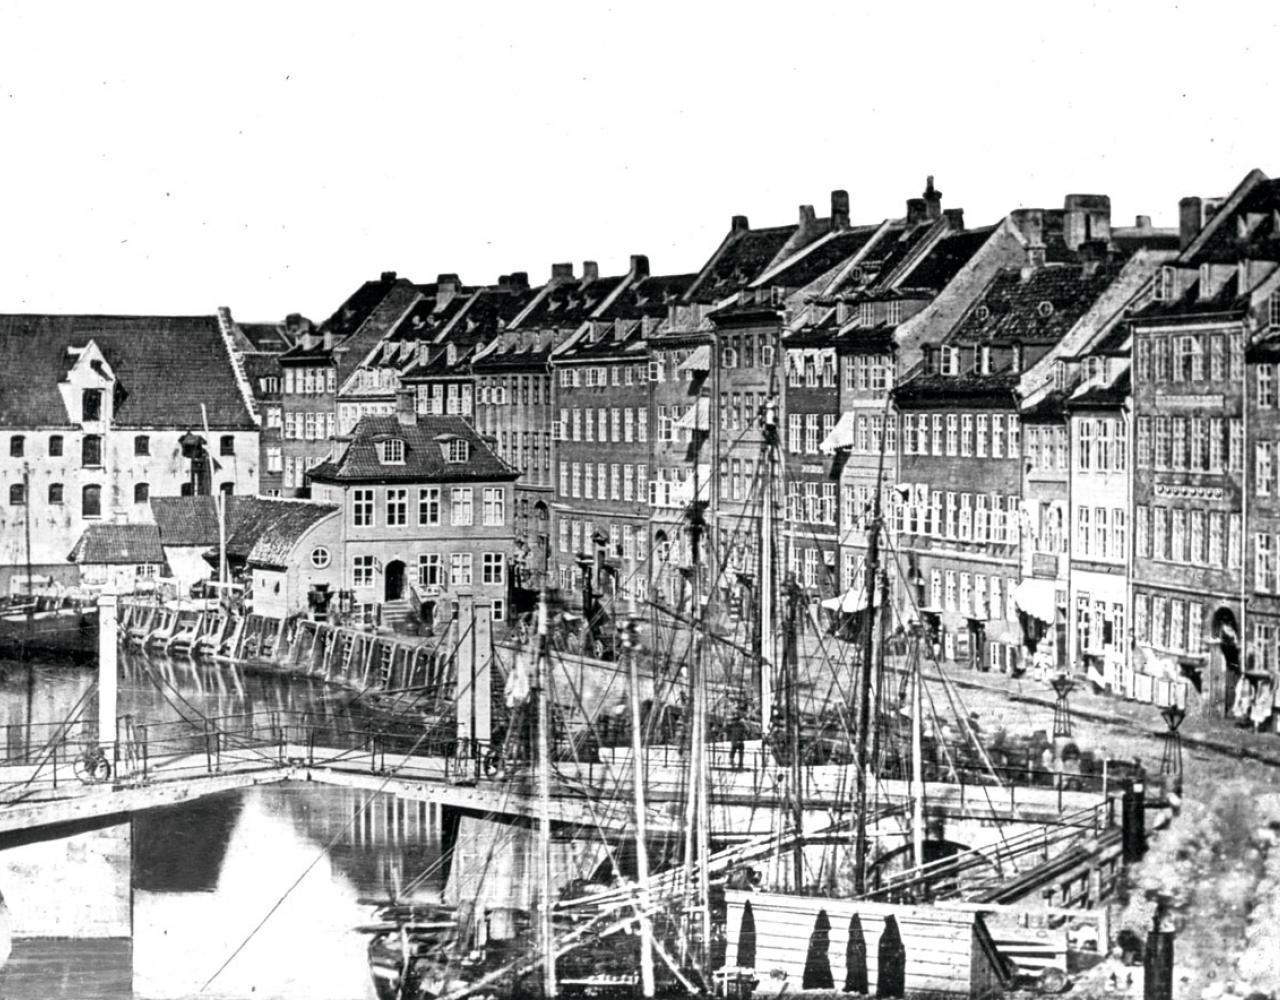 Gammel Strand København 1840 første foto